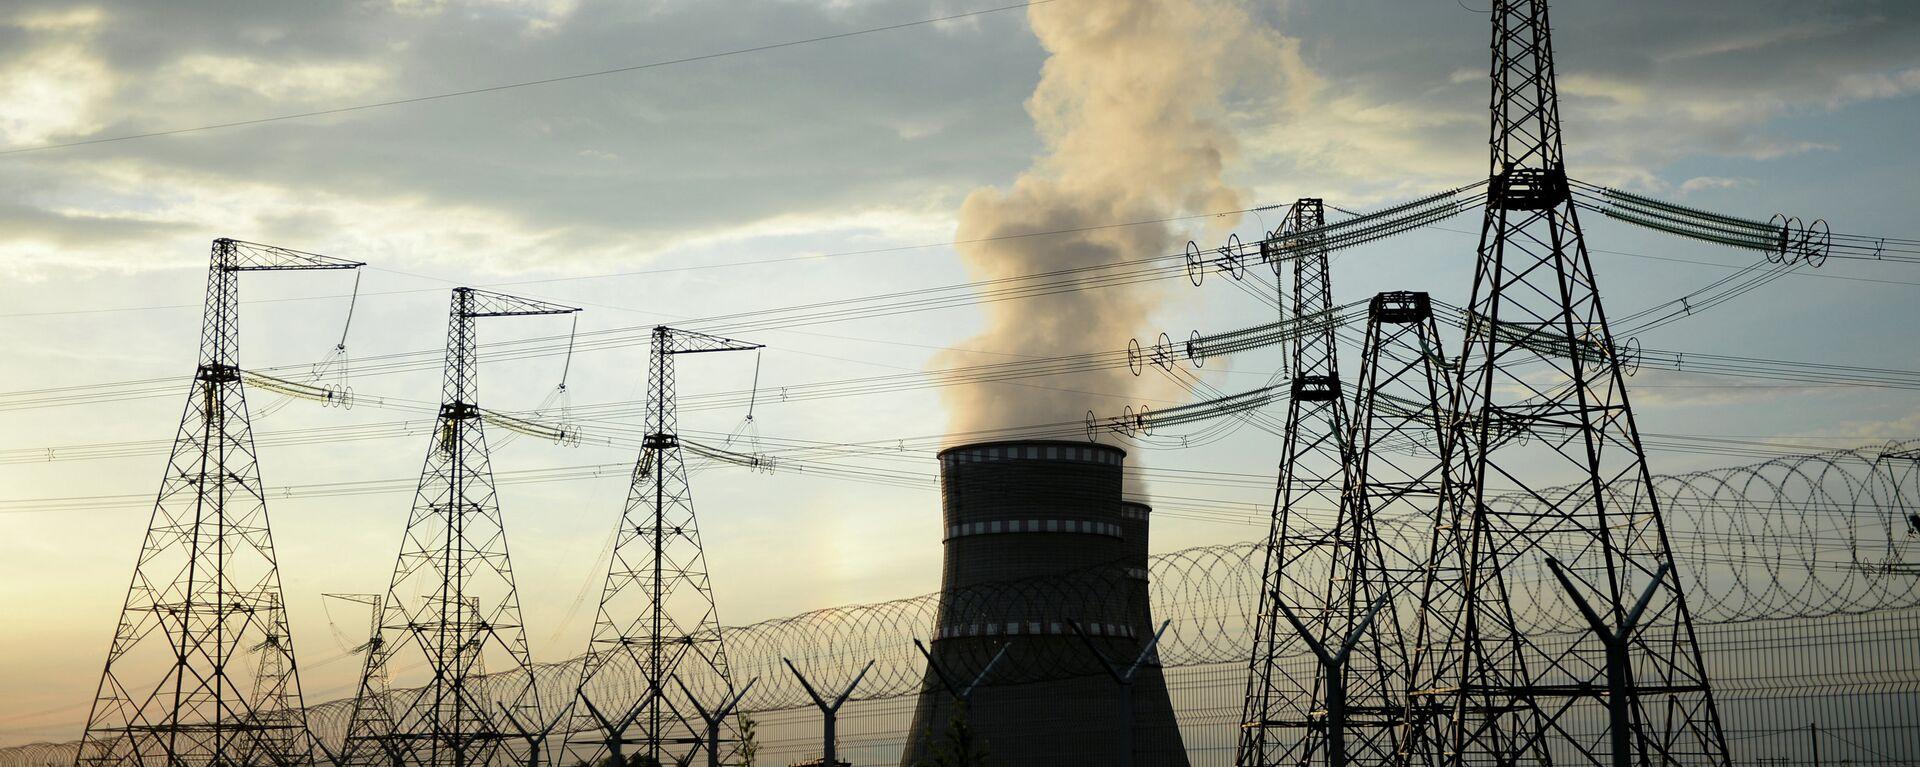 Planta de energía nuclear - Sputnik Mundo, 1920, 13.02.2020